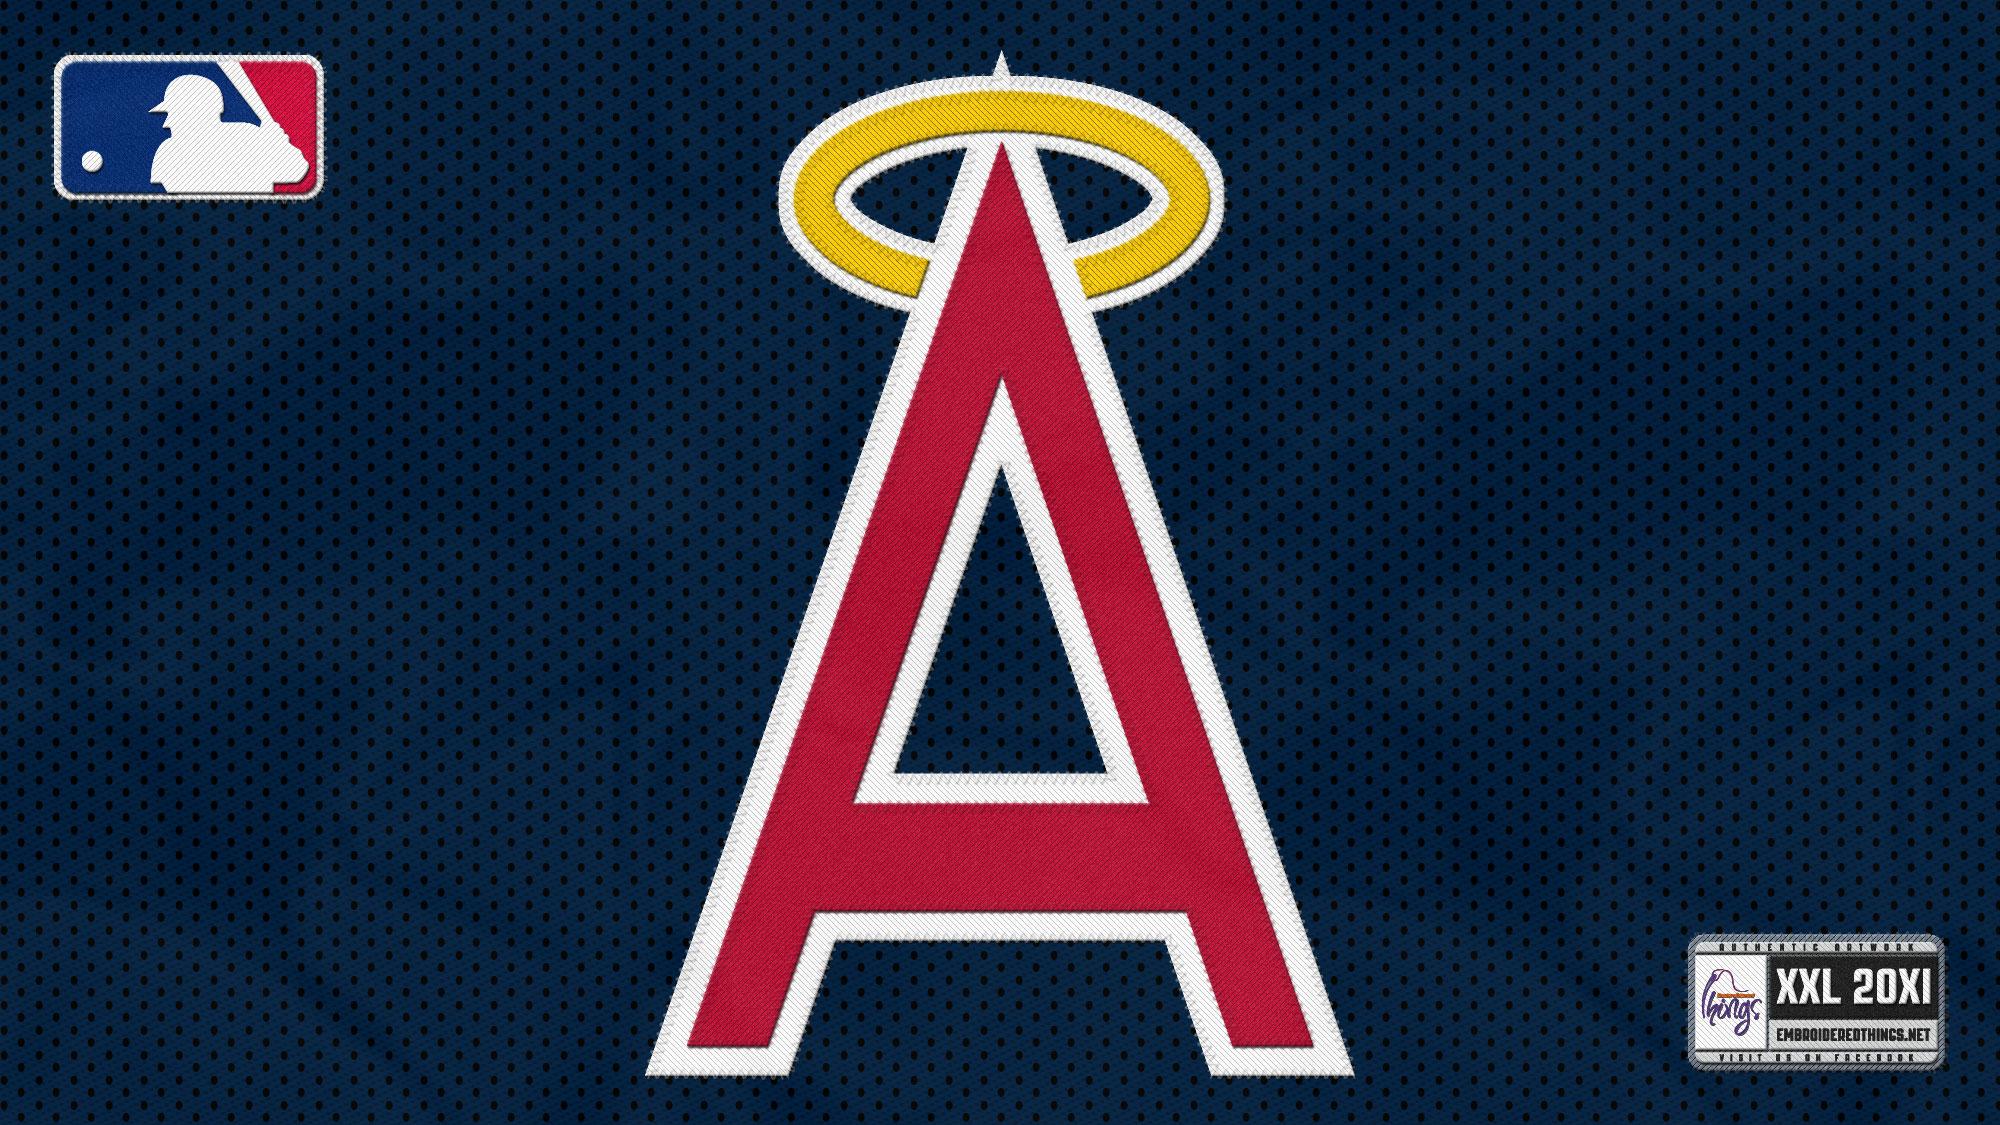 ANAHEIM ANGELS baseball mlb f wallpaper 2000x1125 158468 2000x1125